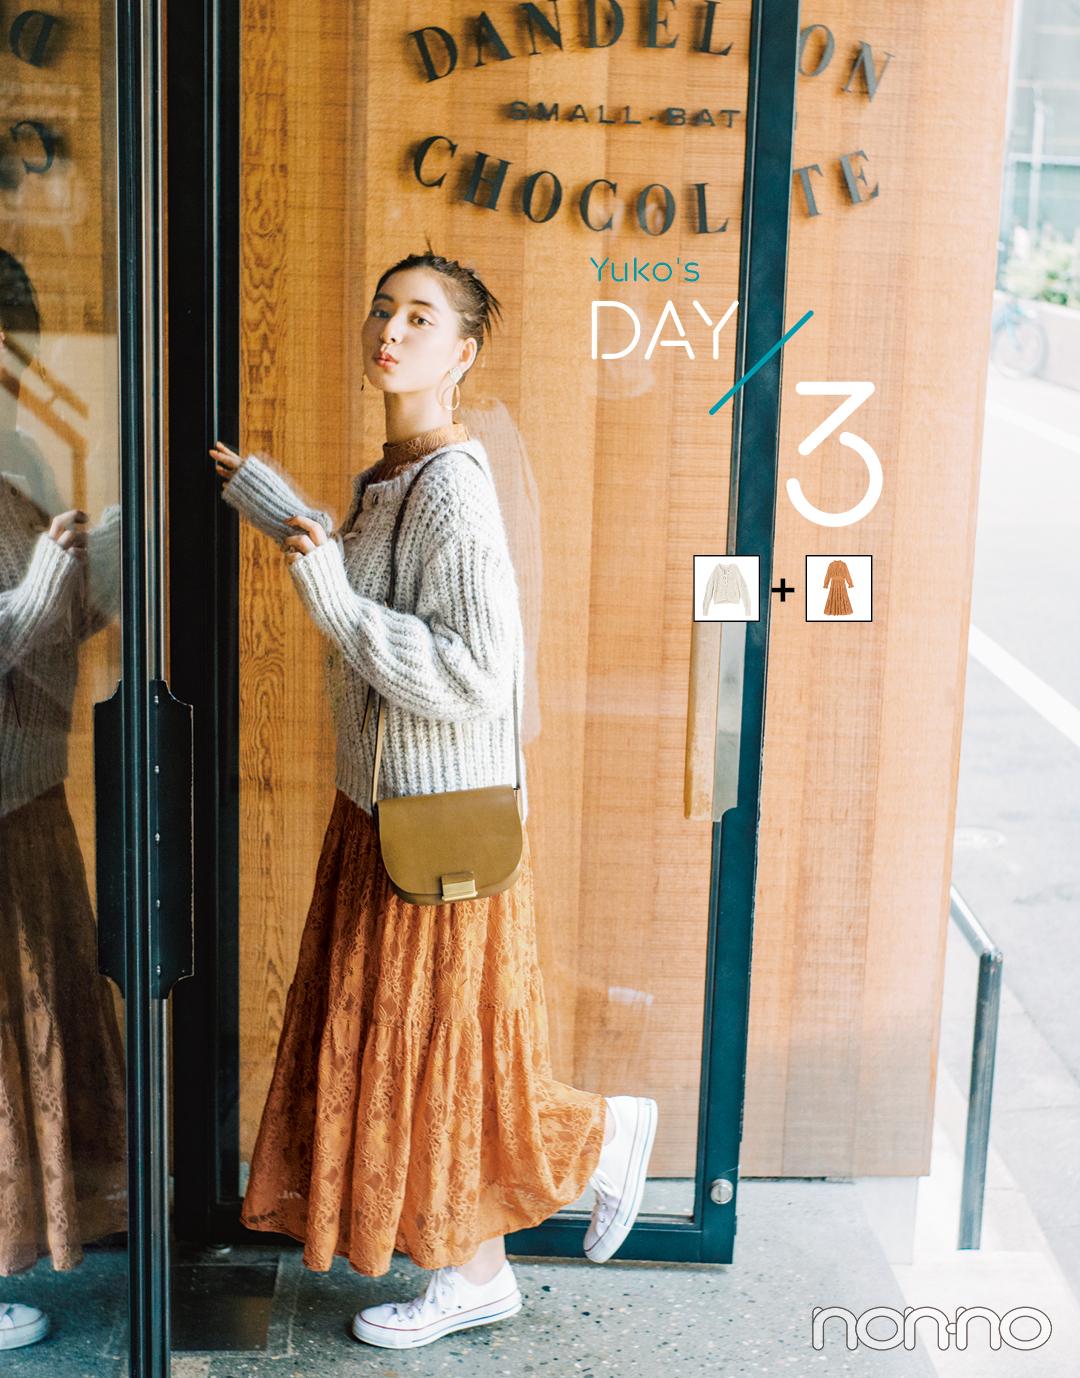 Yuko's DAY3